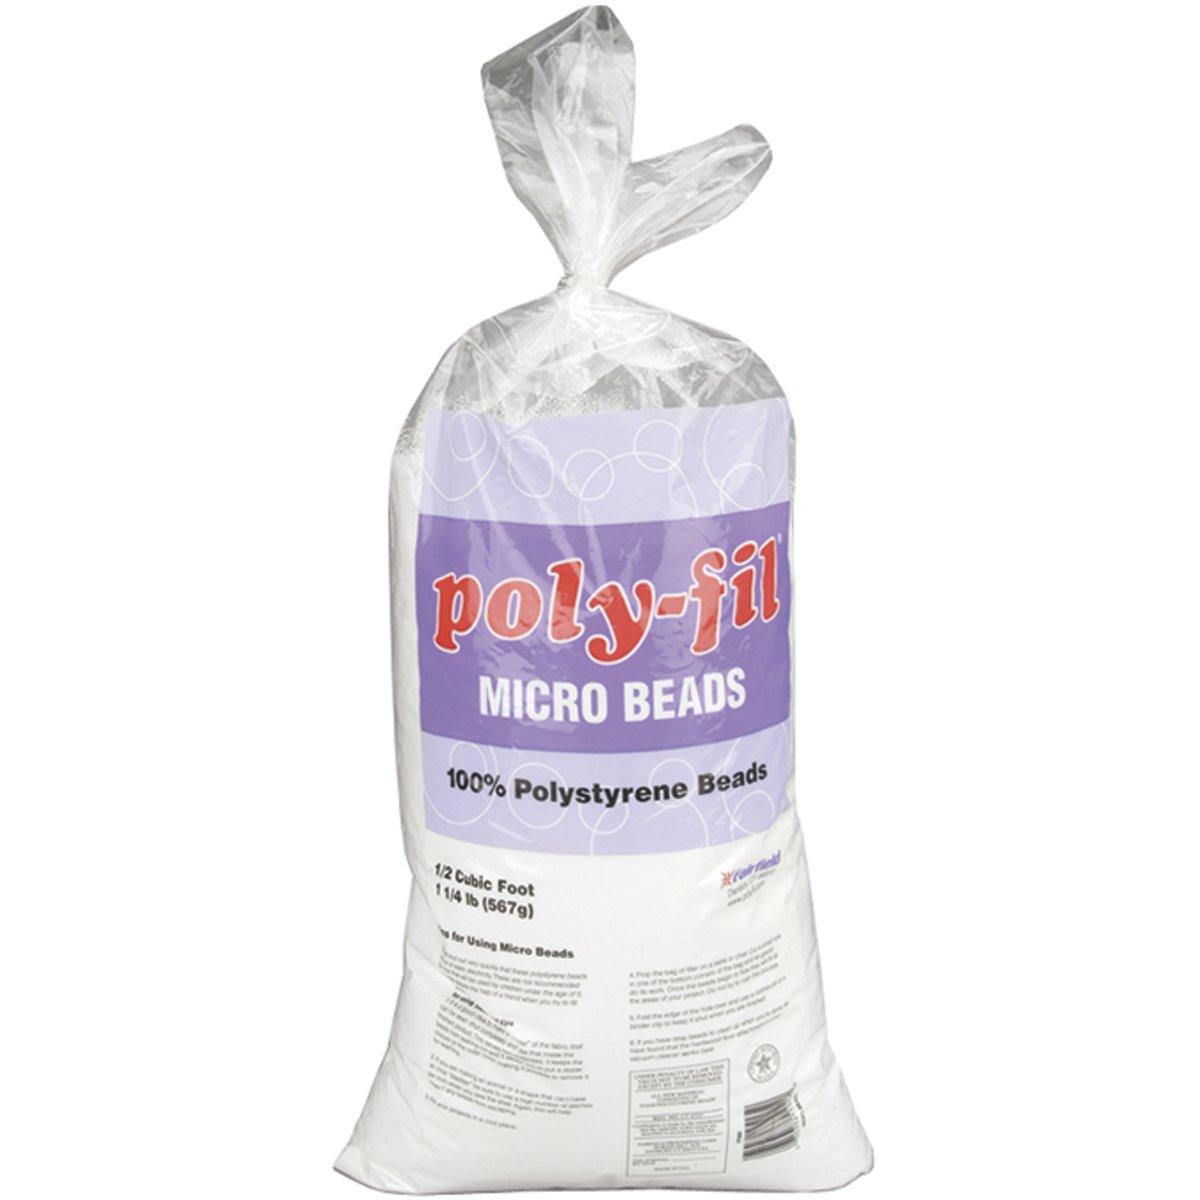 Fairfield Poly-Fil Micro Beads, 20-Ounce PFMB